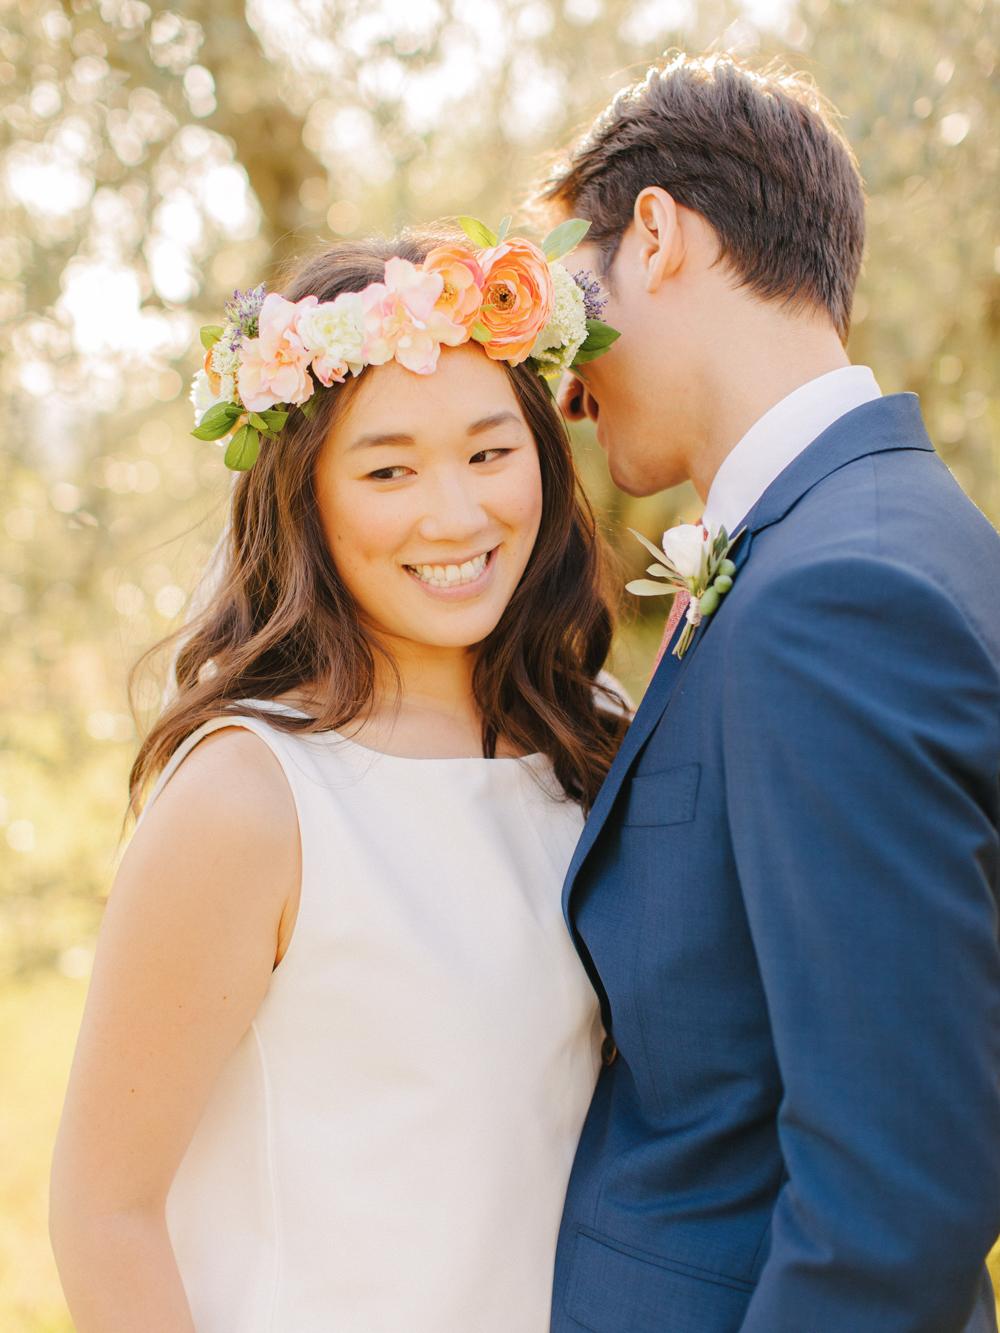 TUSCANY-INTIMATE-WEDDING--18